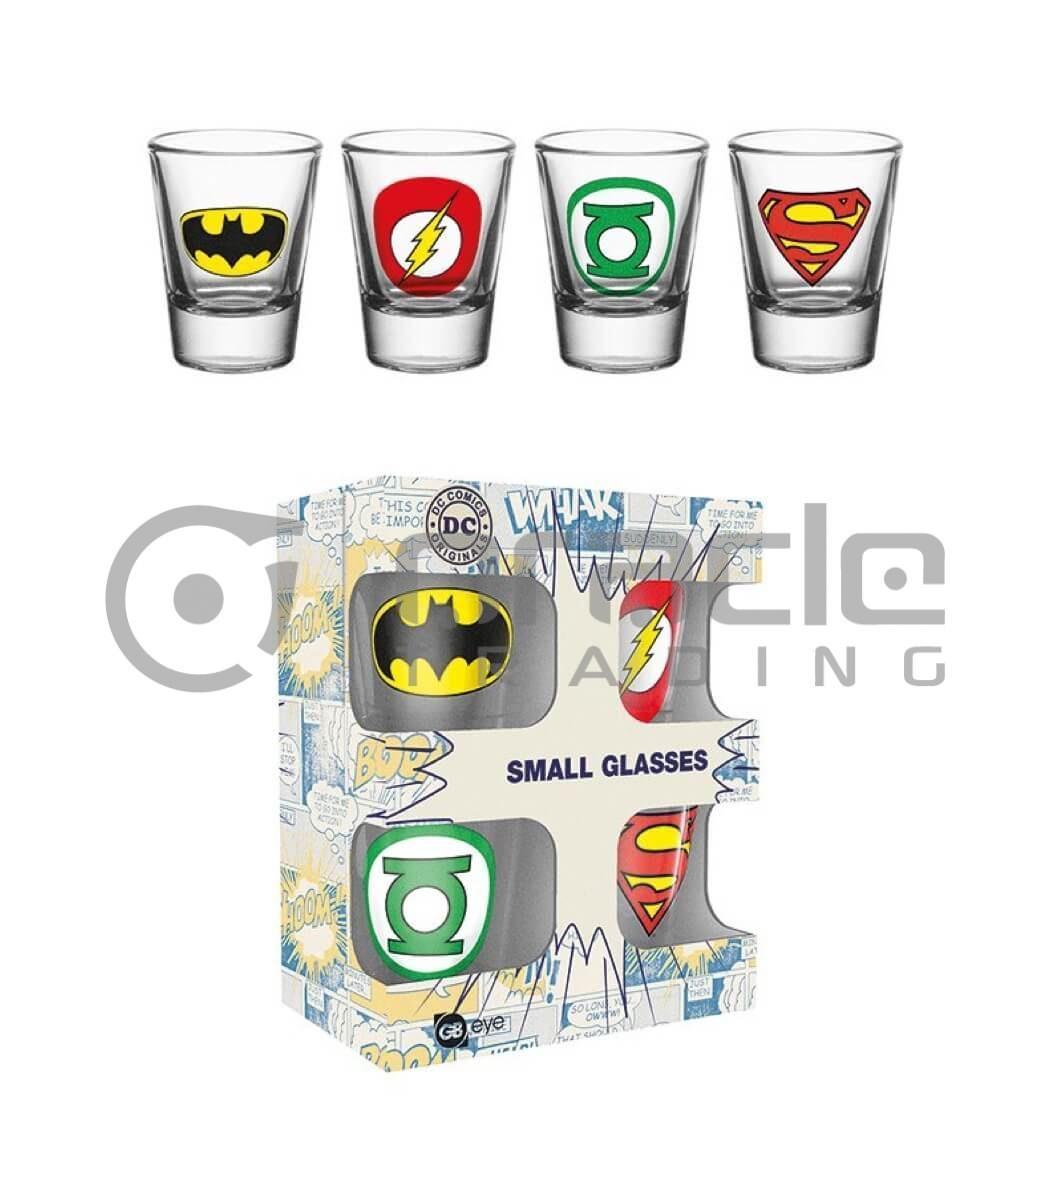 DC Comics Shot Glass Set (4-Pack)